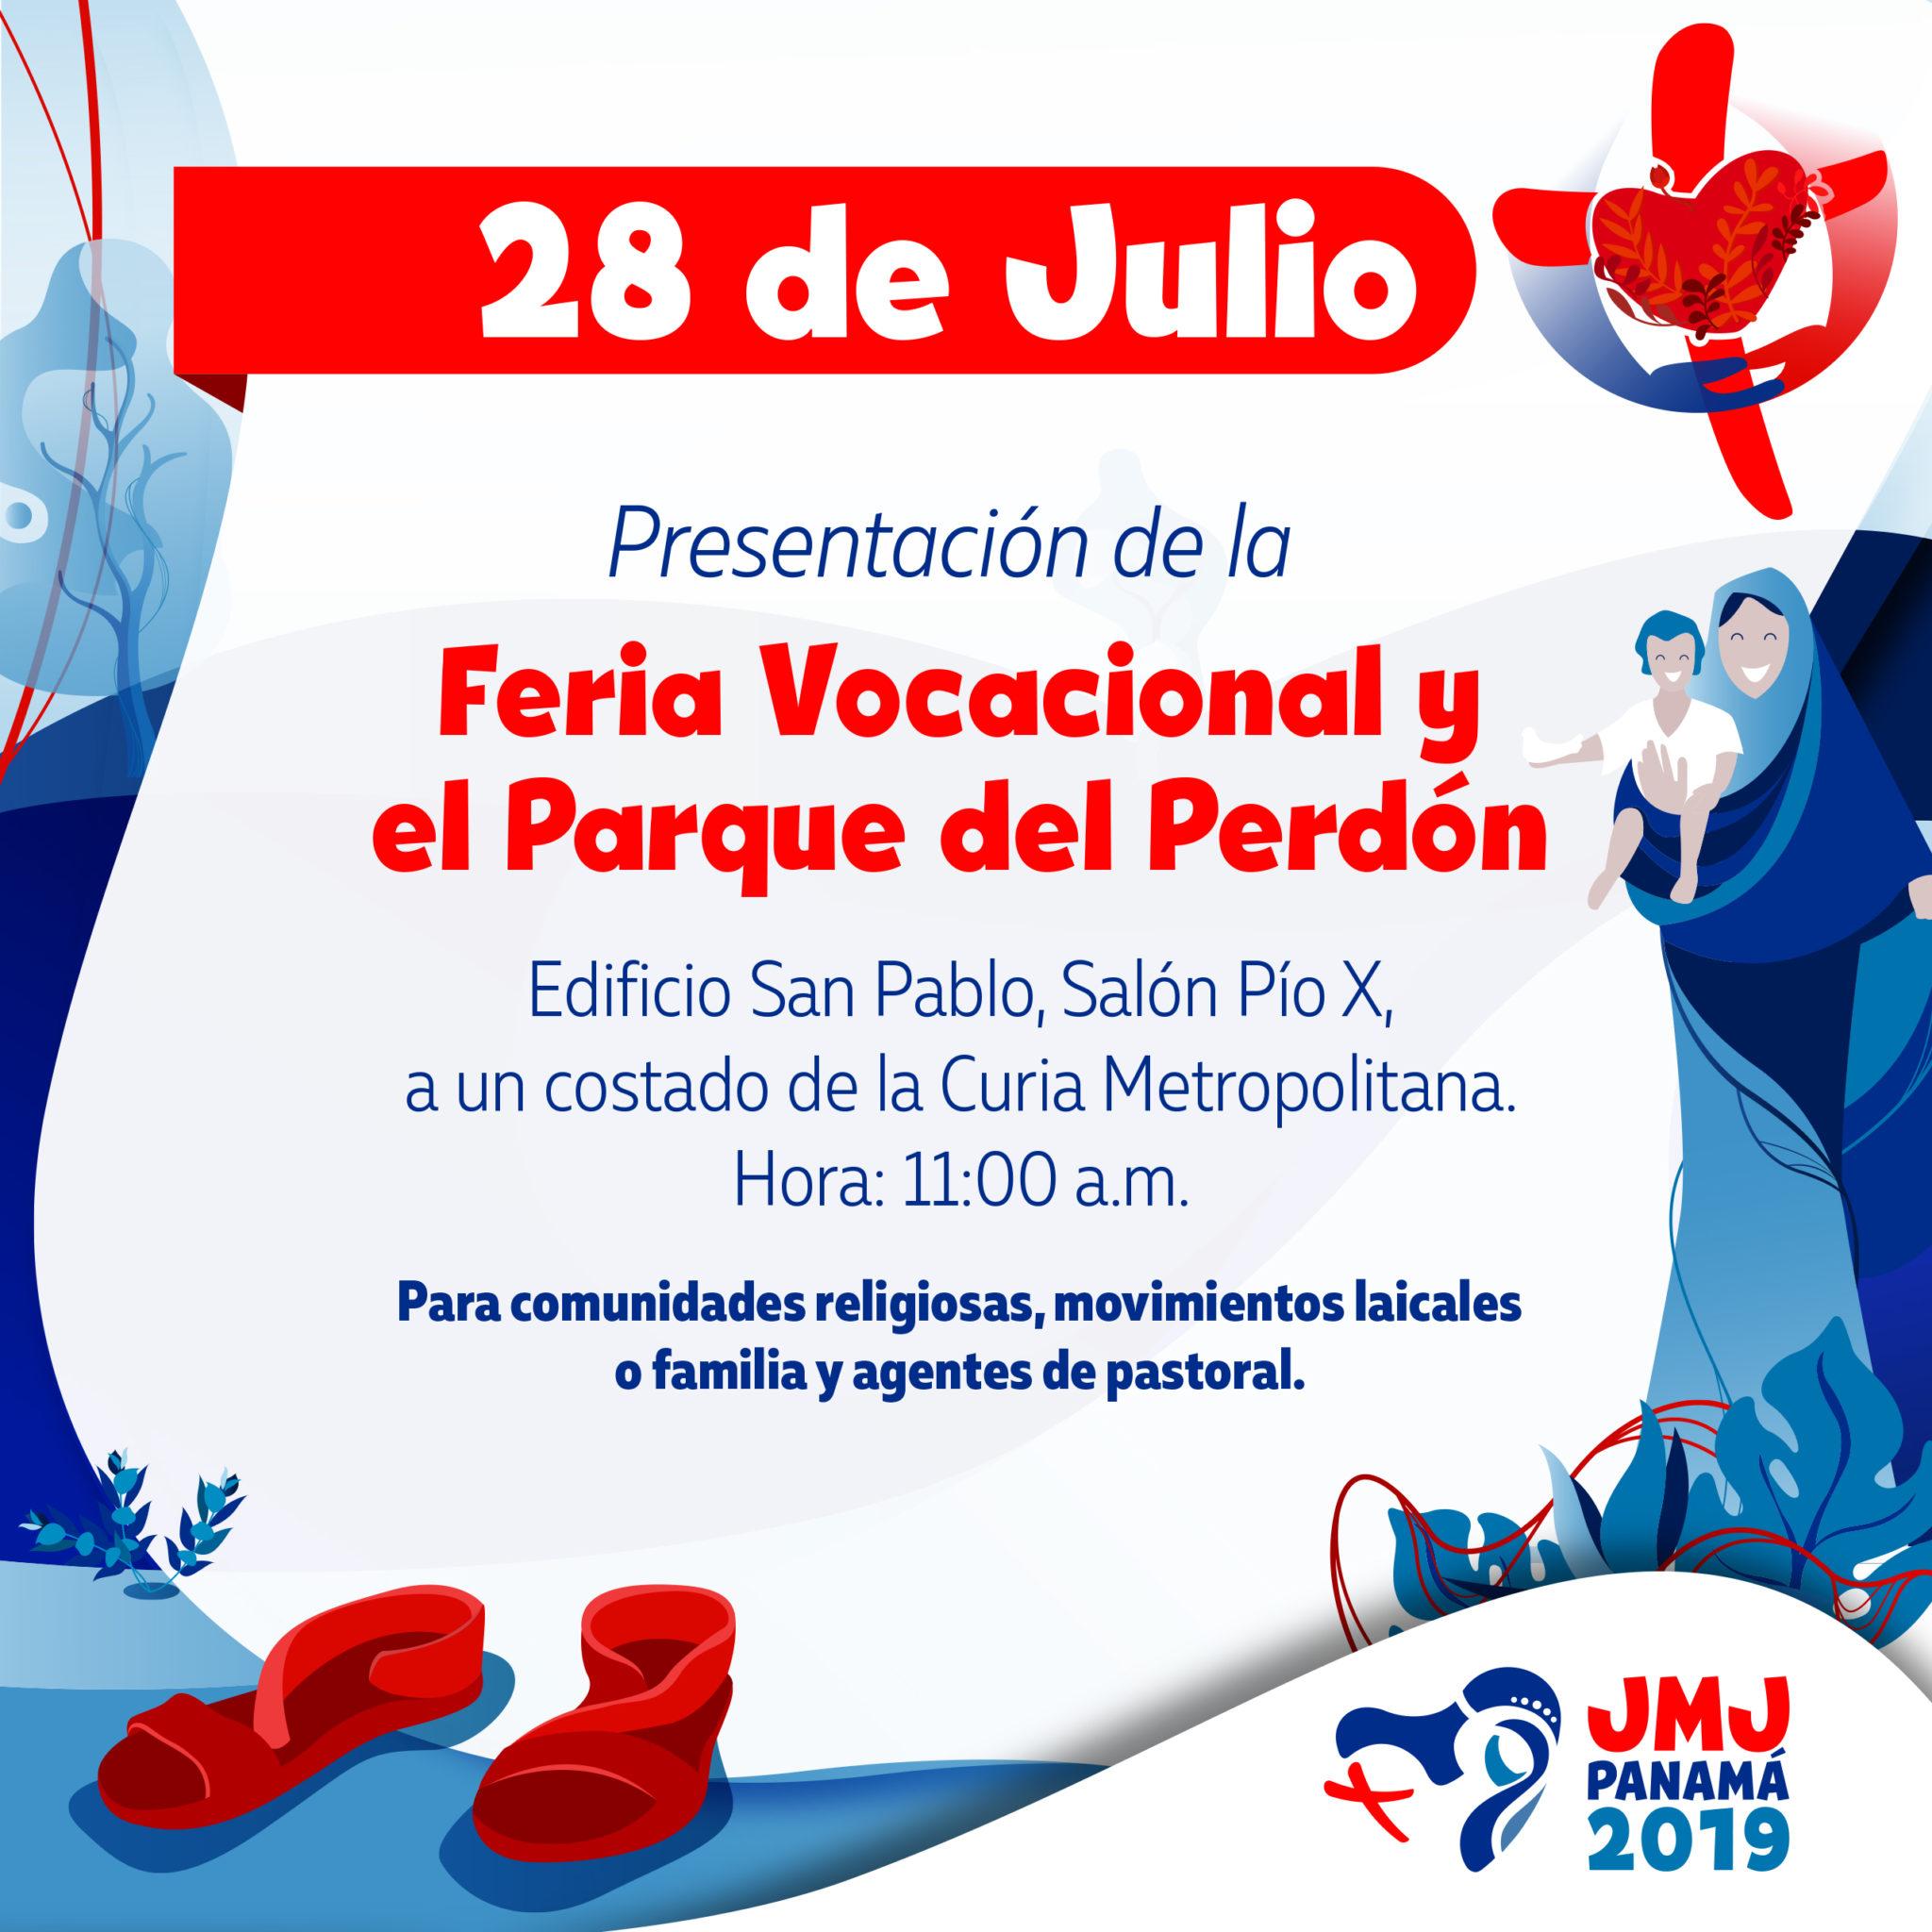 28 de Julio: Presentación de la Feria Vocacional y el Parque del Perdón.